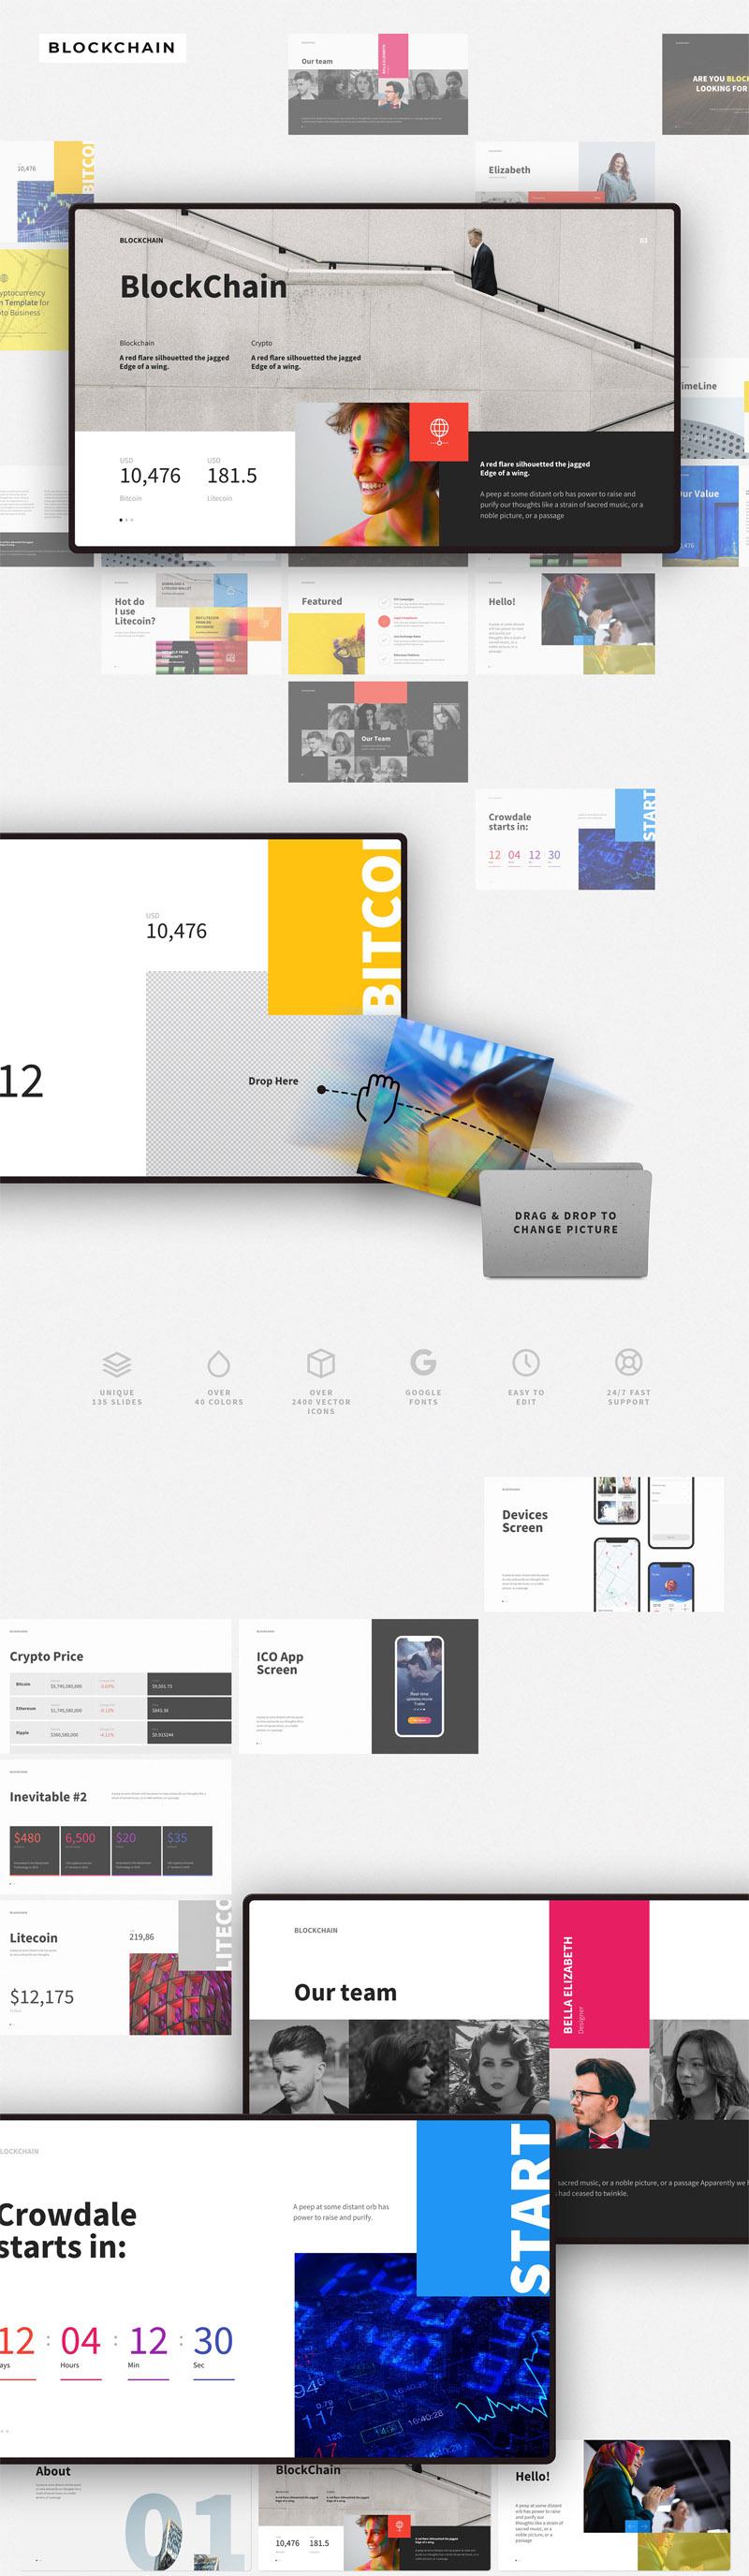 极简设计多彩的区块链的ppt和Keynote模板插图(1)